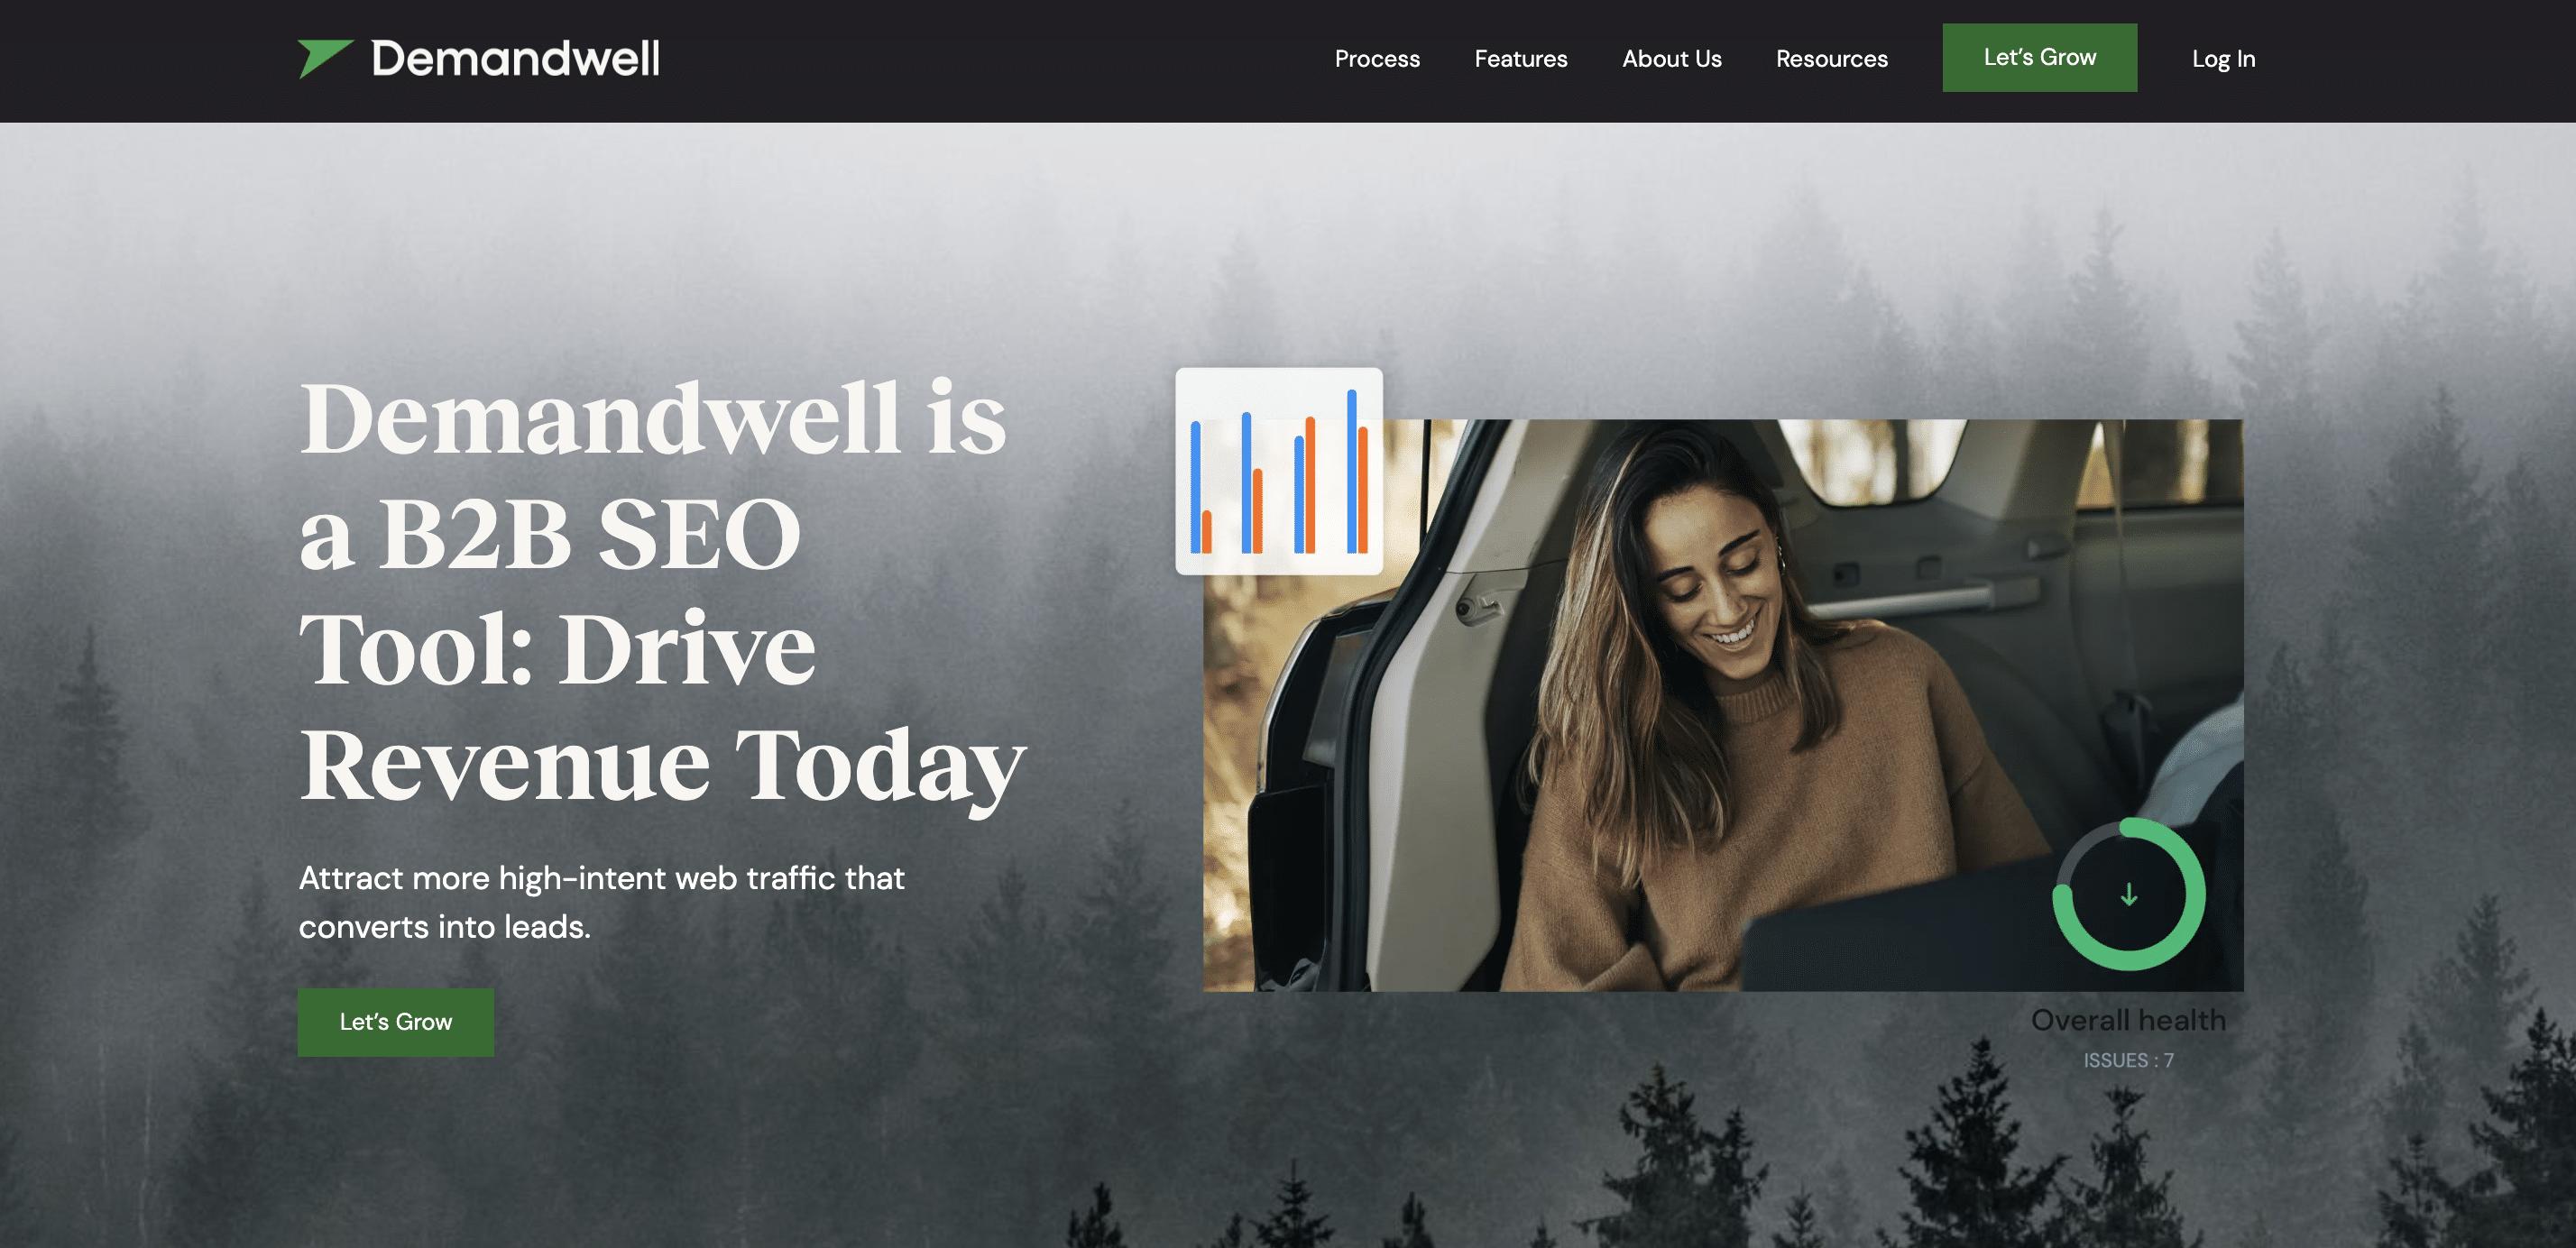 Demandwell screenshot